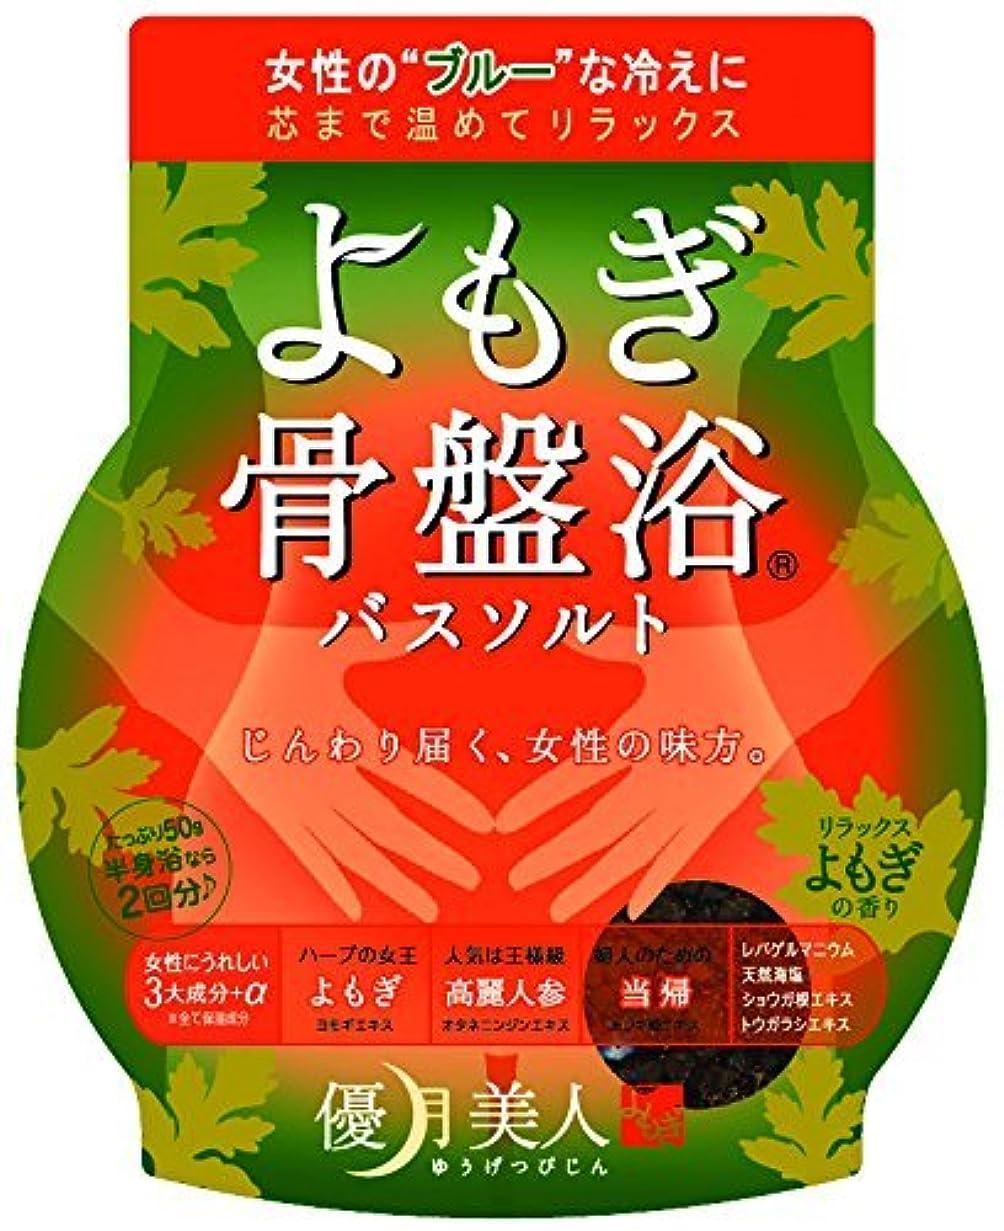 【まとめ買い】優月美人 バスソルト よもぎの香り 50g ×8個